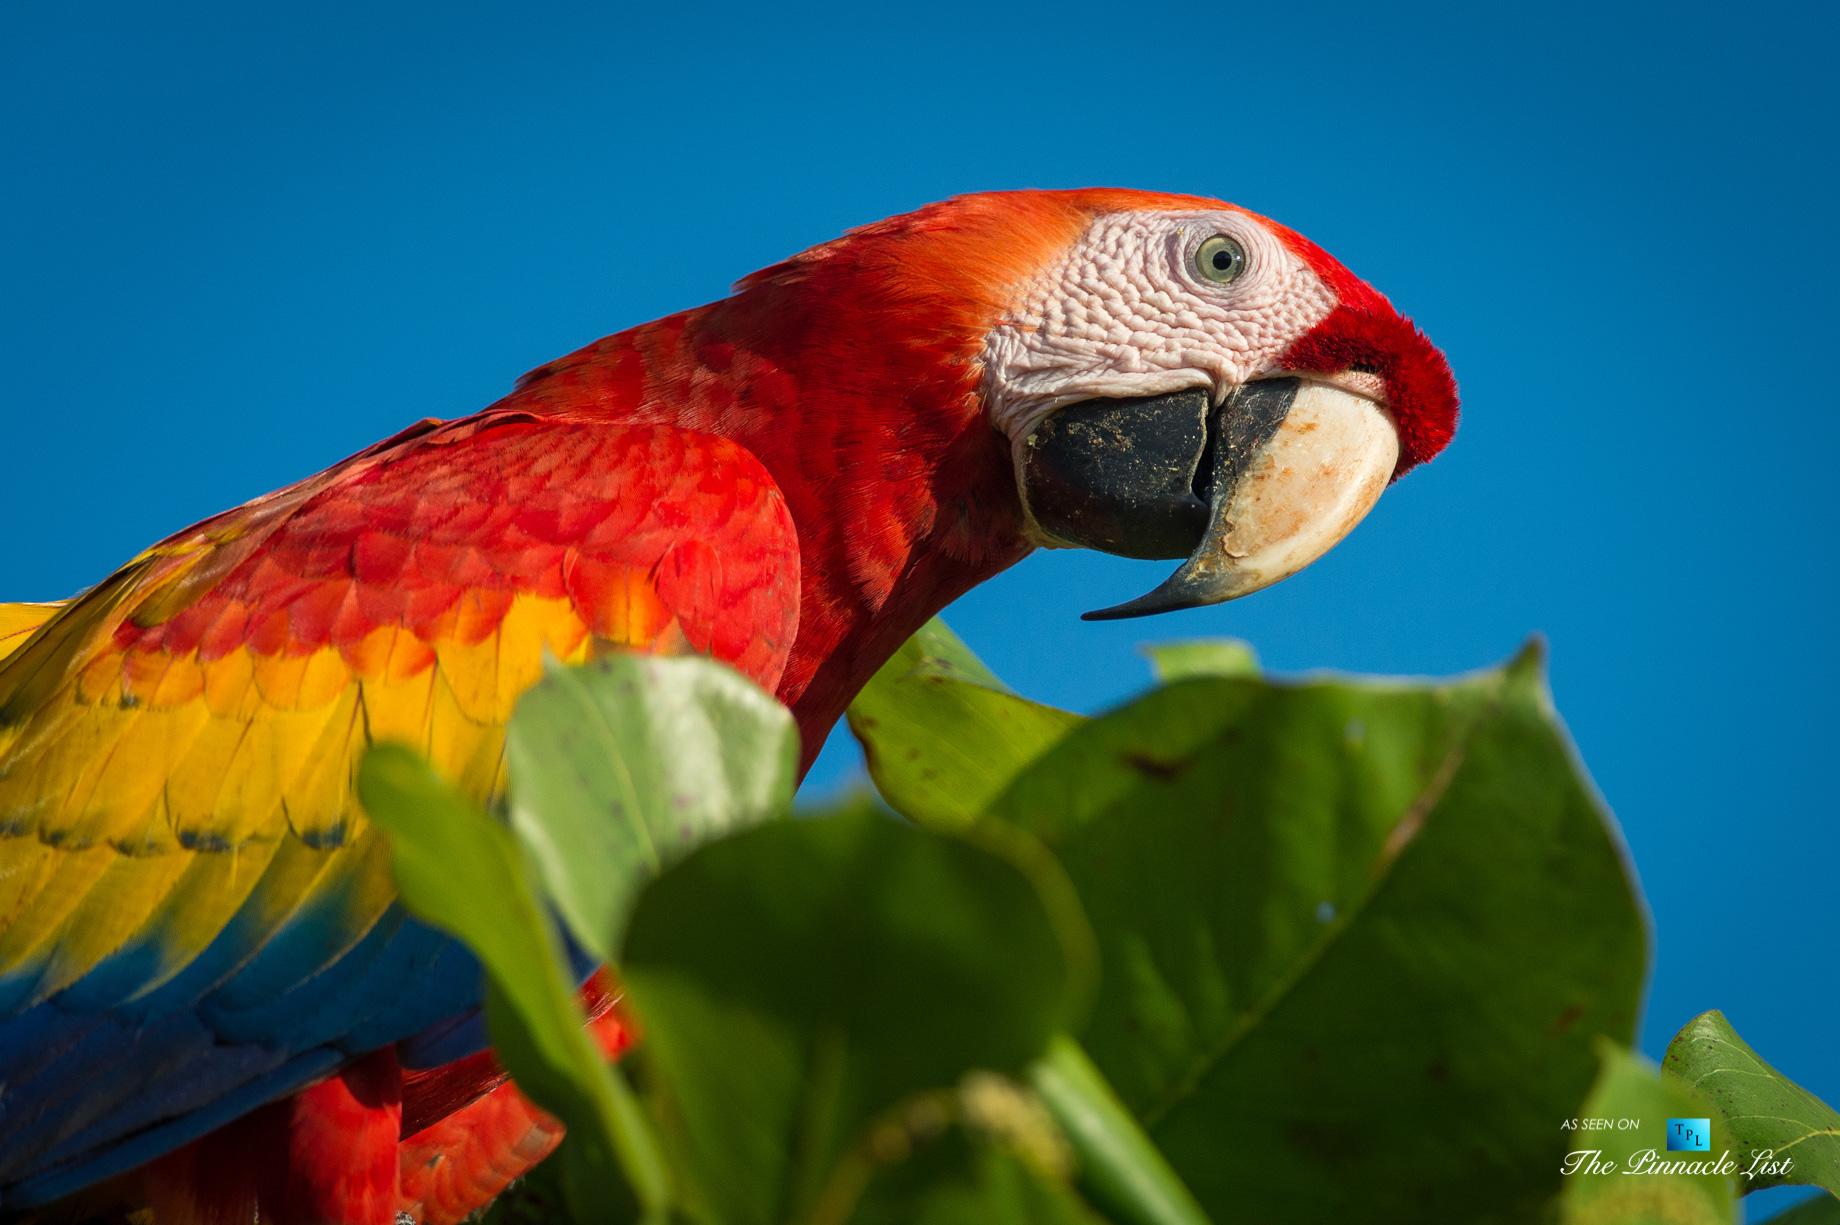 Tambor Tropical Beach Resort – Tambor, Puntarenas, Costa Rica – Scarlet Macaw Parrot